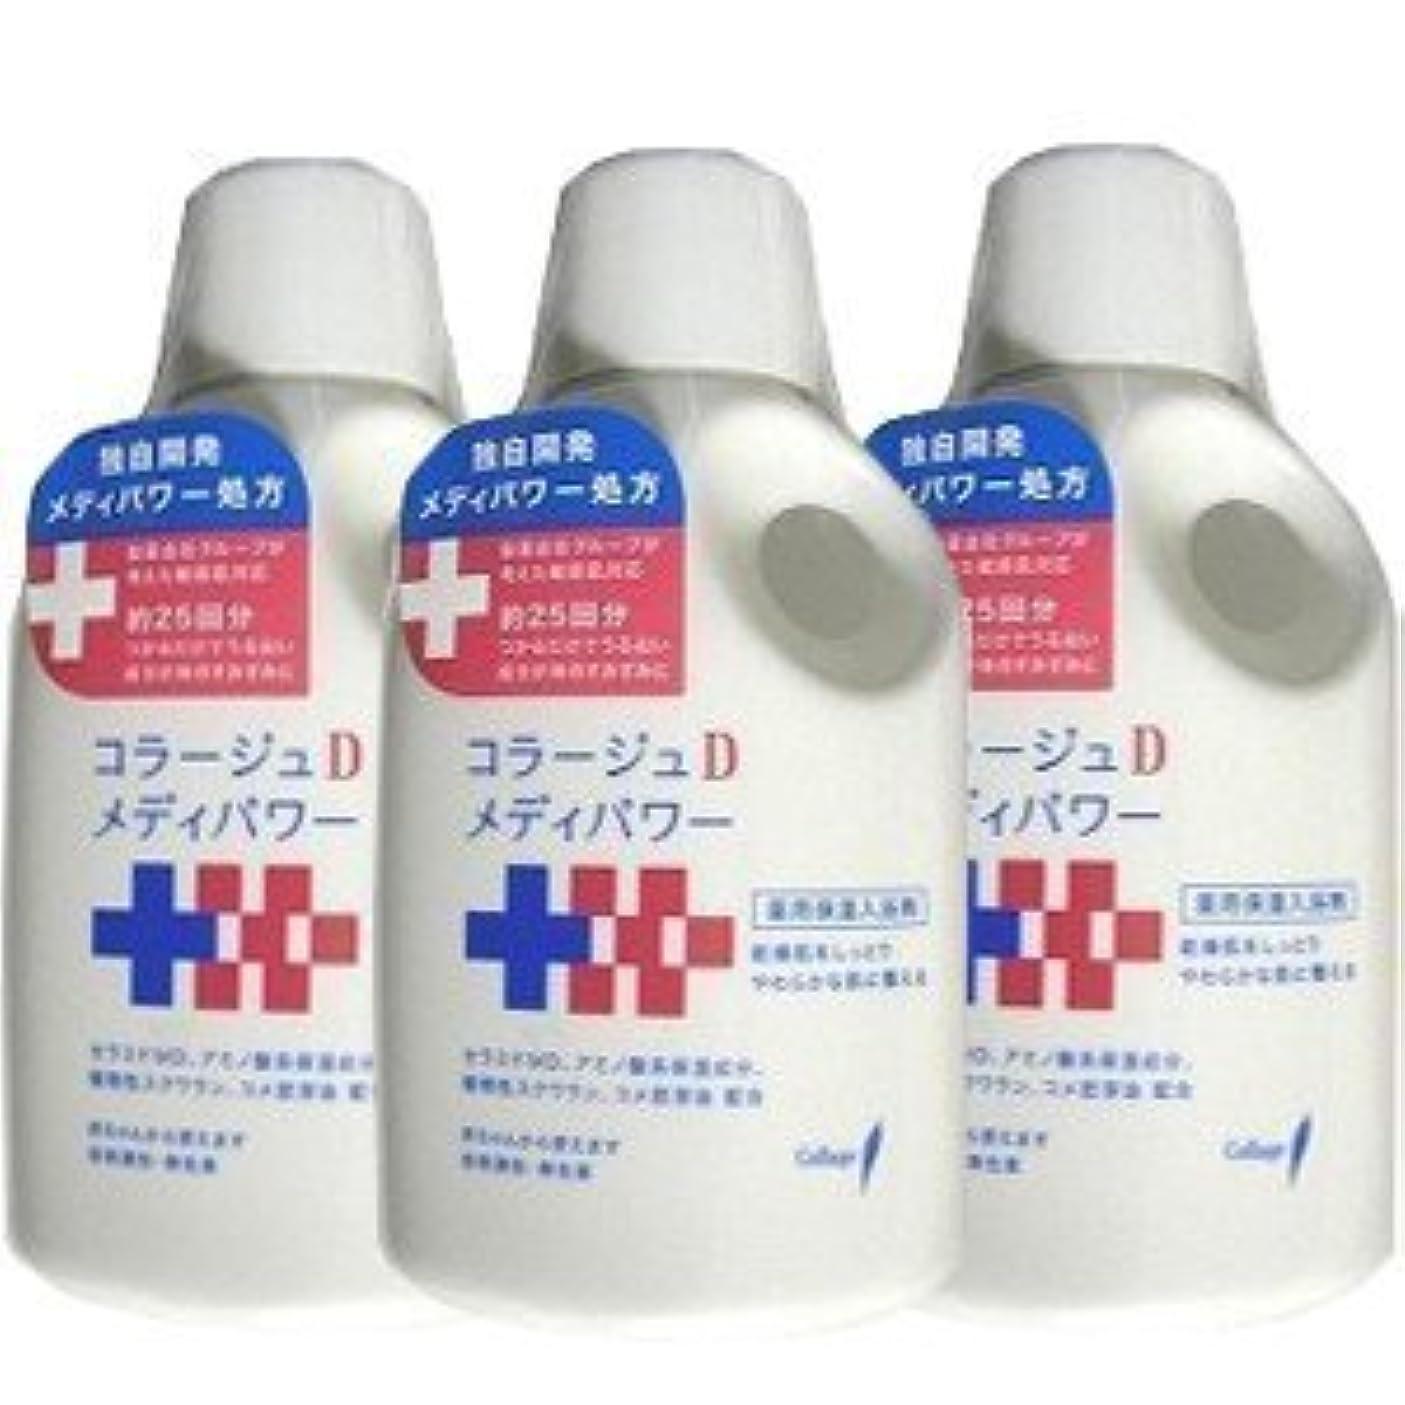 自分の甘くする【3本】コラージュD メディパワー保湿入浴剤 500mlx3本